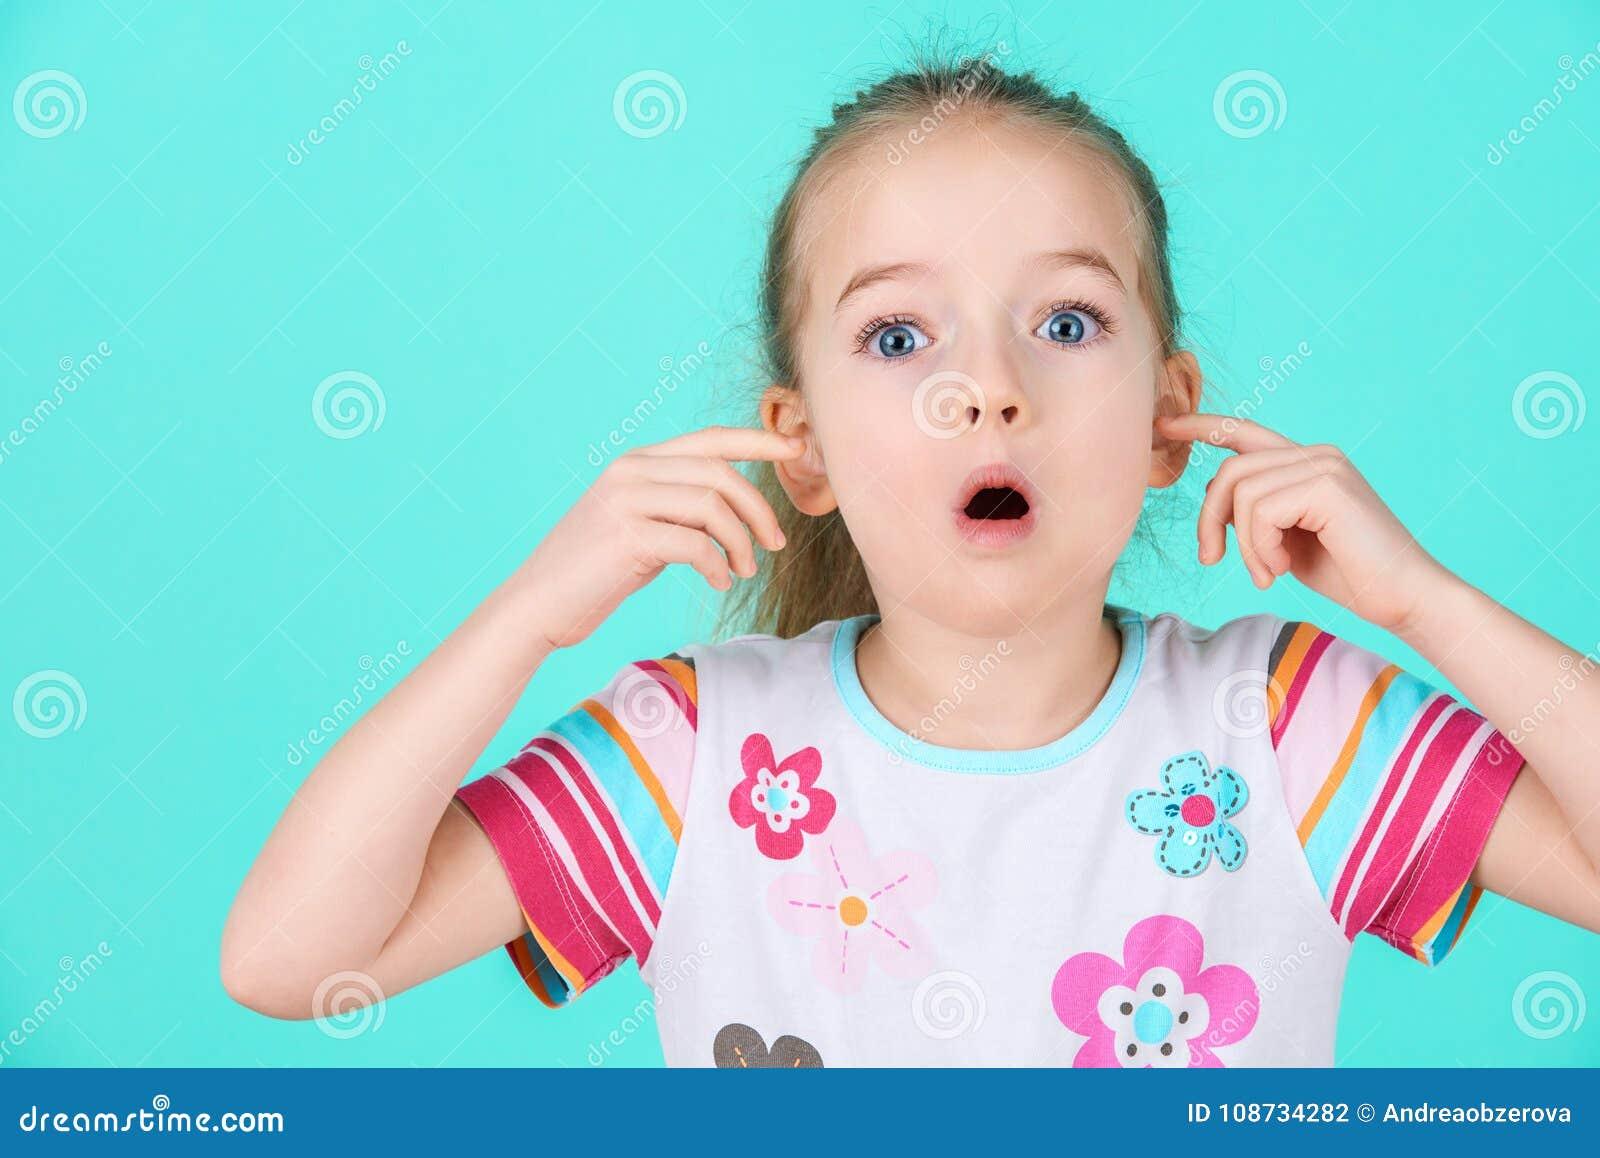 Niño obstinado con una actitud que ignora a los padres, bloqueando sus oídos con las manos